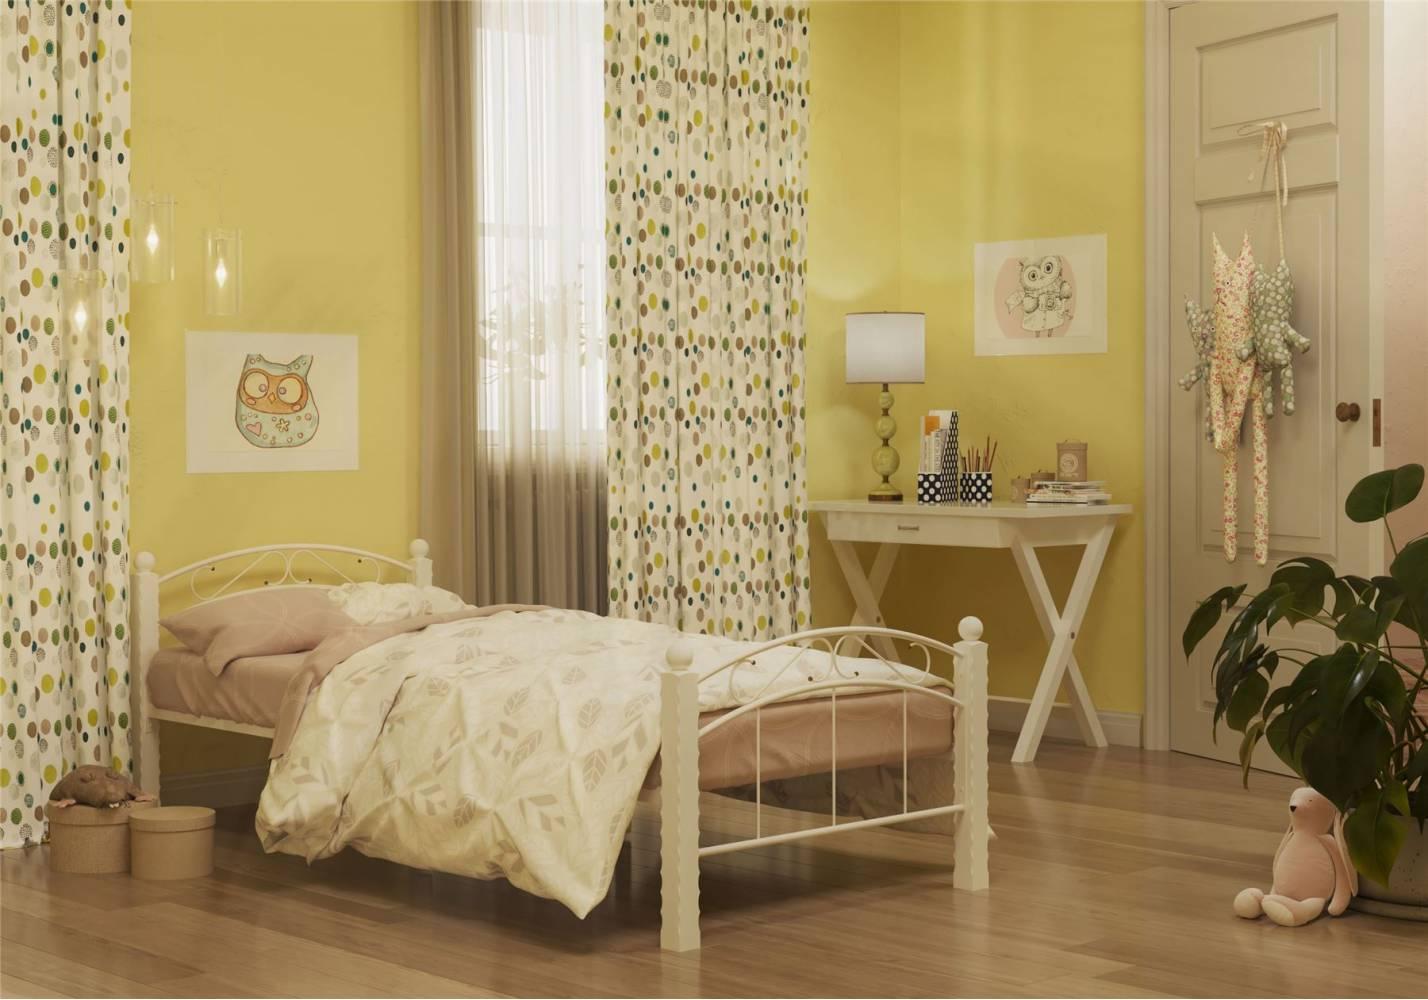 Кровать Garda-15 Белая 900, без матраса